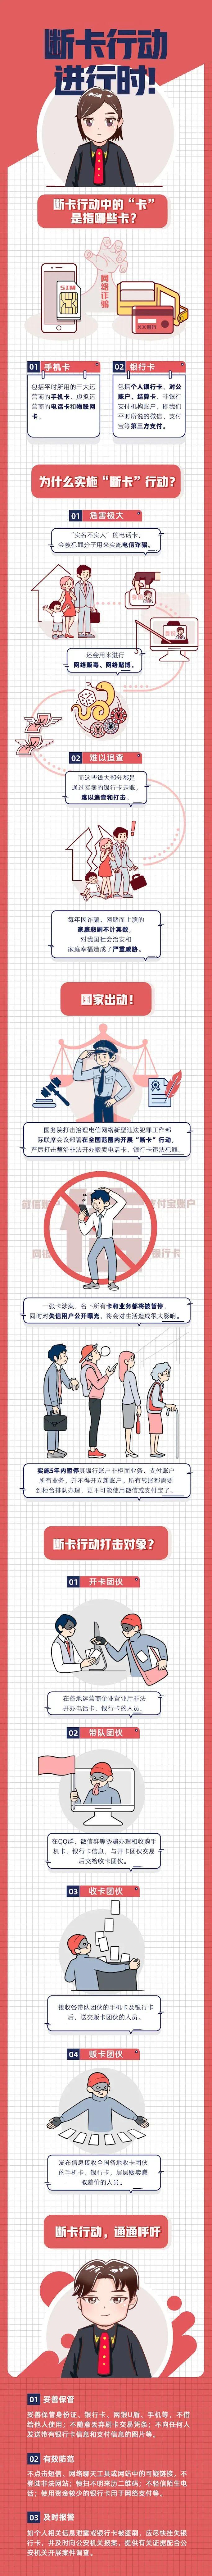 """防范电信网络诈骗   银行卡竟成""""香饽饽""""?一图看懂""""断卡""""行动"""